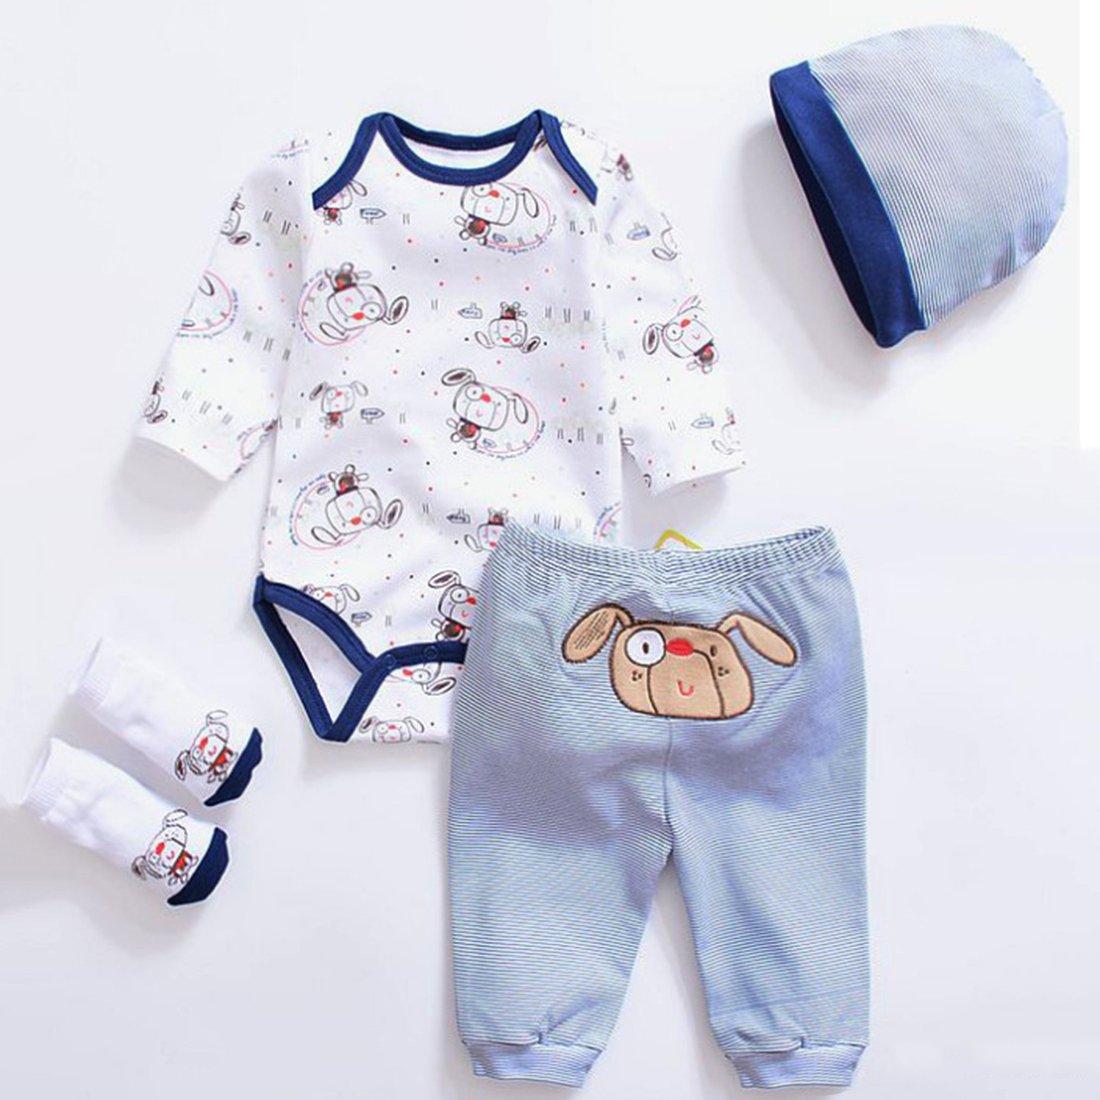 Vêtement Convient pour Les Vêtements de Poupée de 20-22 Pouces, Bébé Reborn Baby Doll, 4 en 1 Vêtements